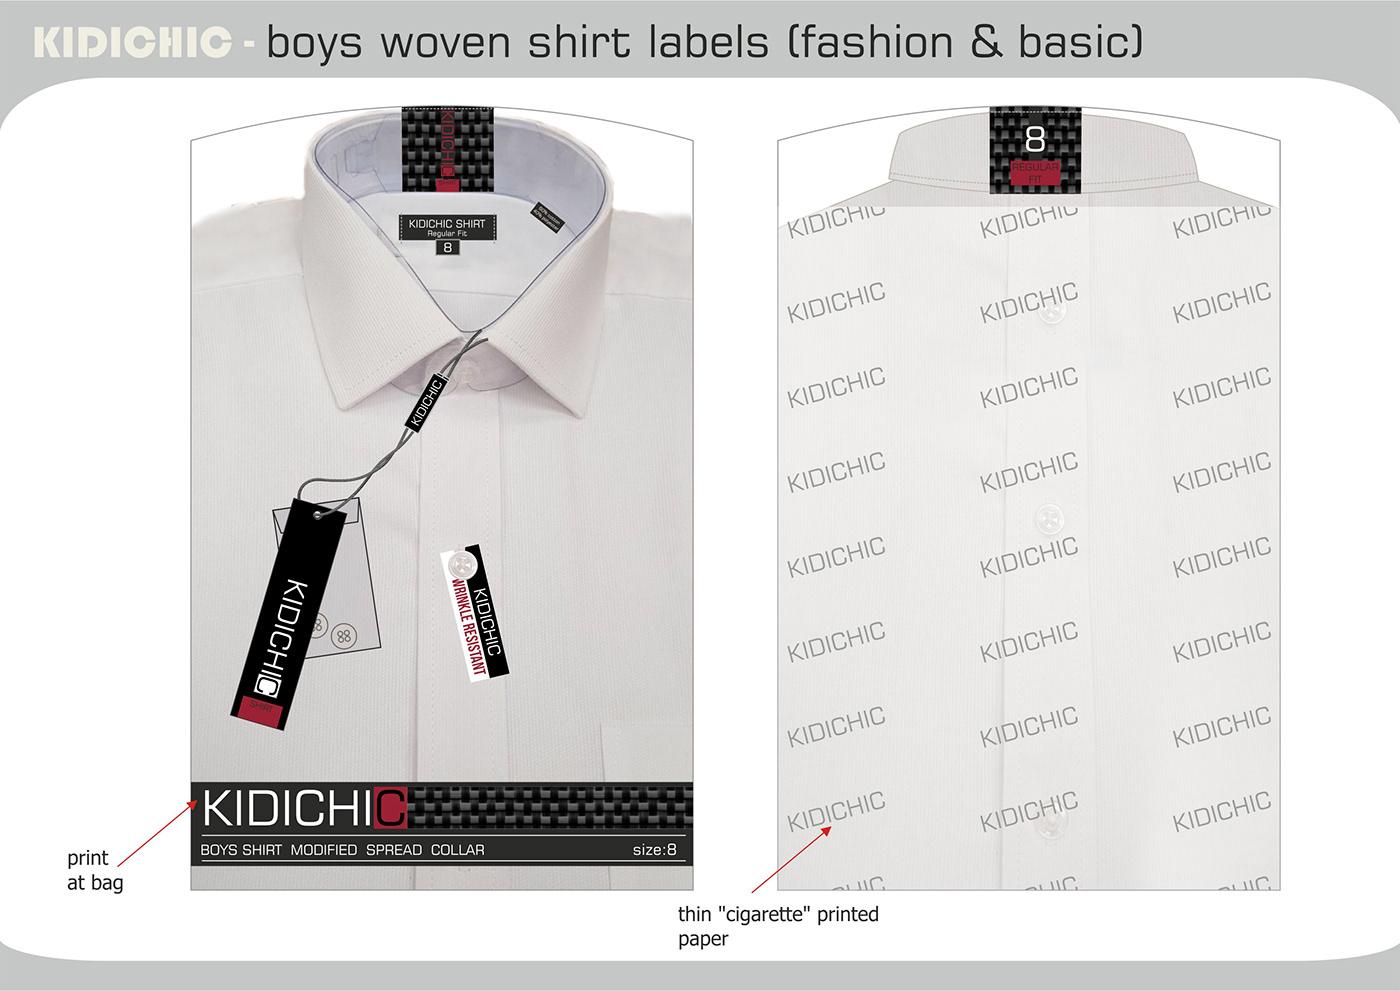 мода пакет графический дизайн этикетки бирки Брэндинг упаковка Типография print